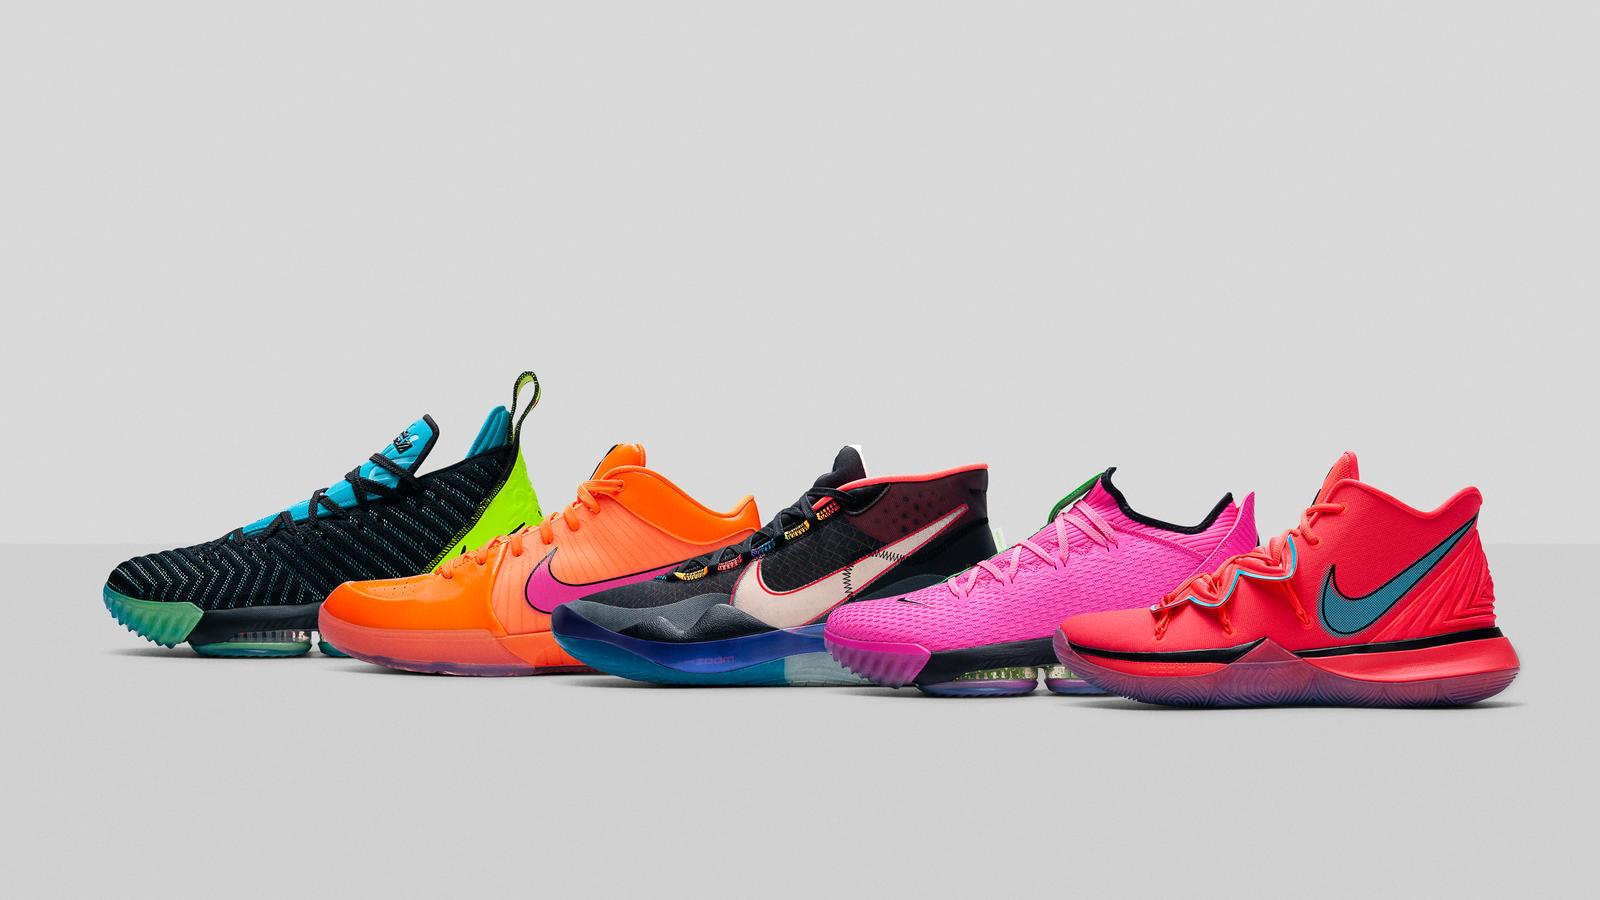 FeaturedFootwear_WNBA_ASG2019-2217_copy_89482.jpg